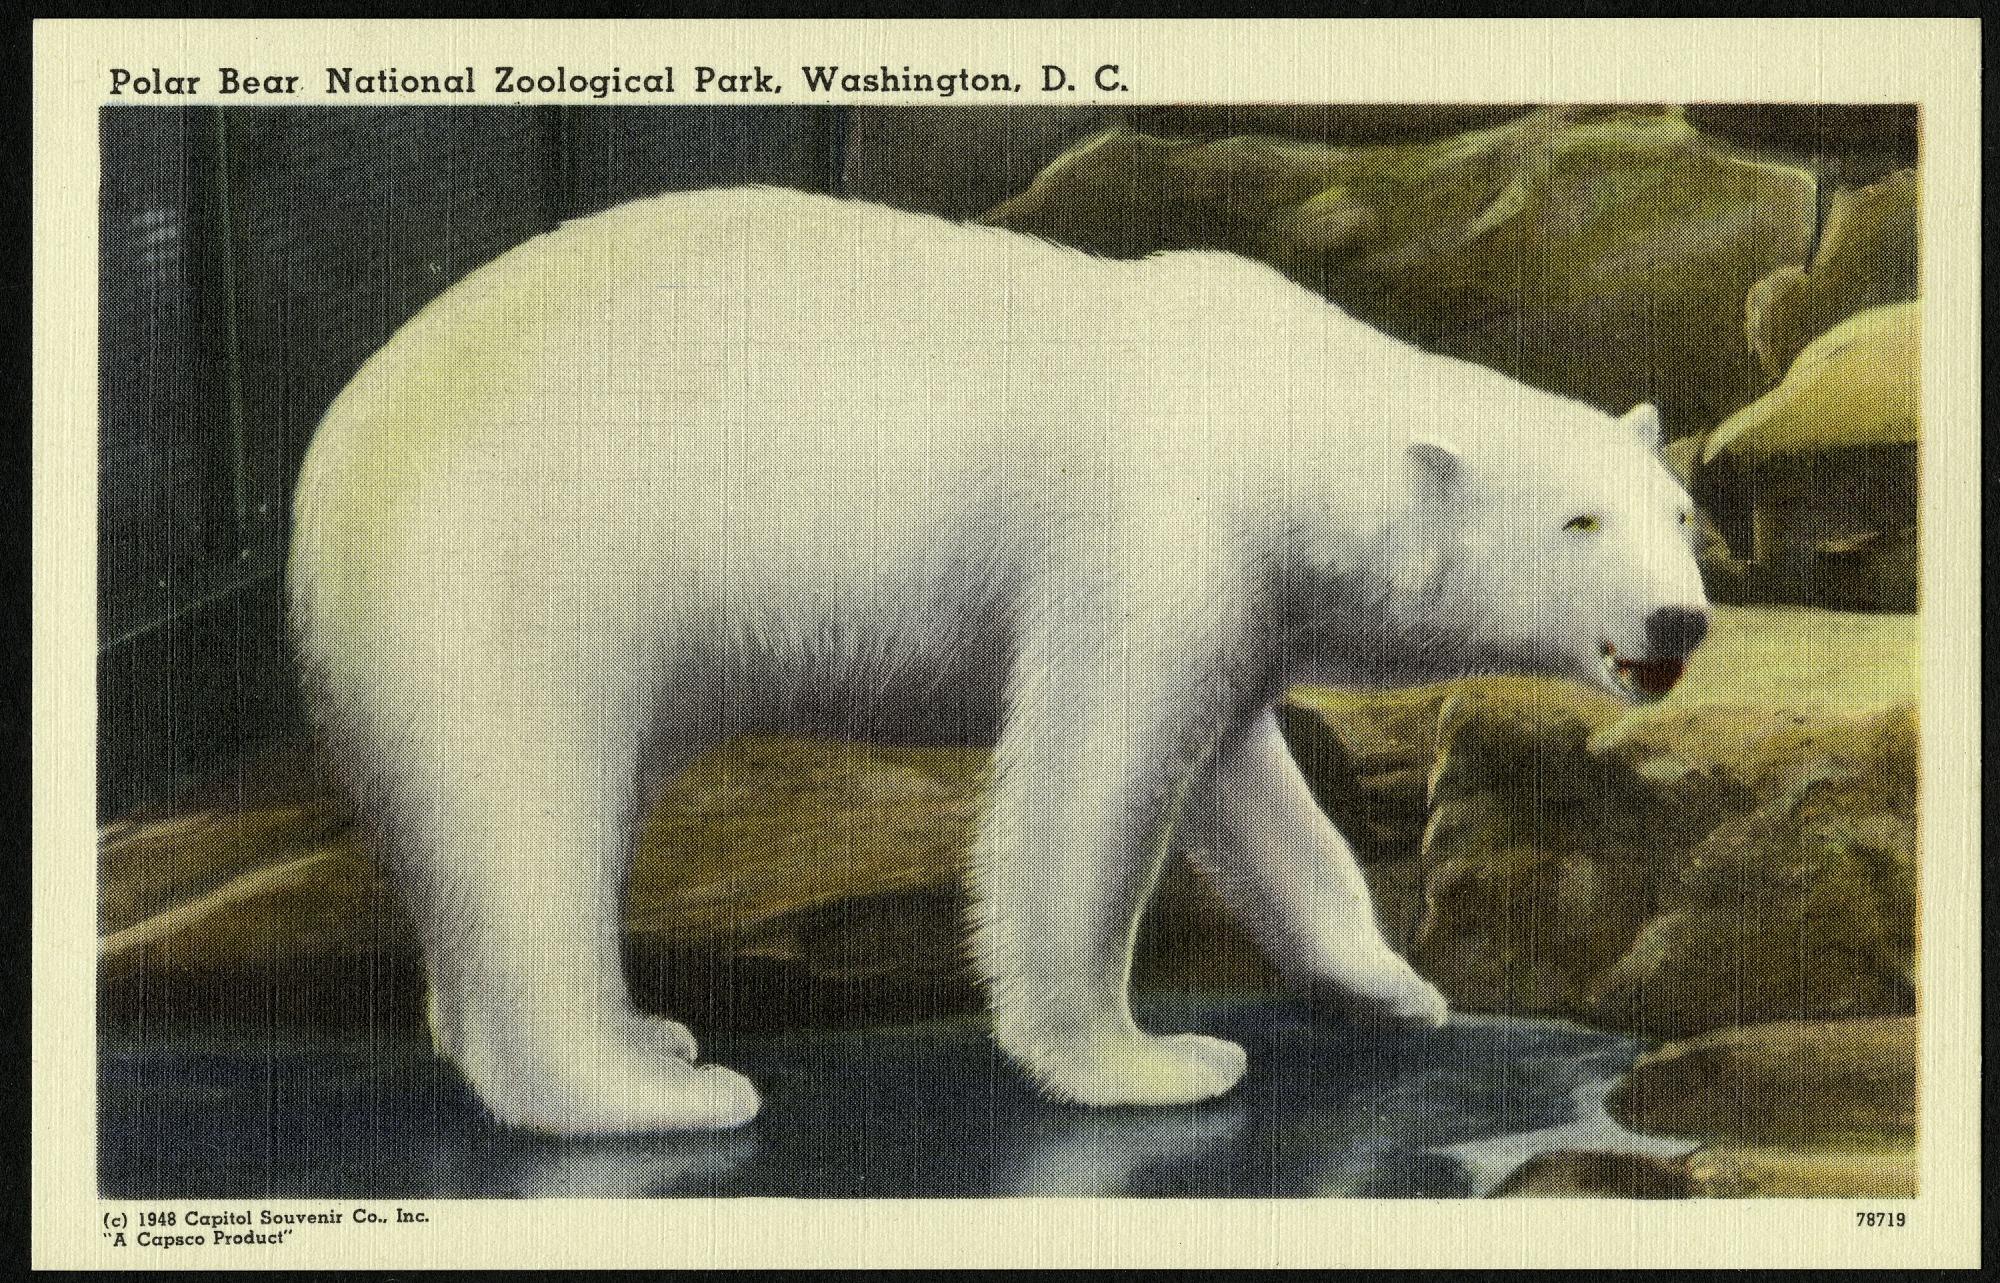 Blank Postcard of a Polar Bear at the Zoo